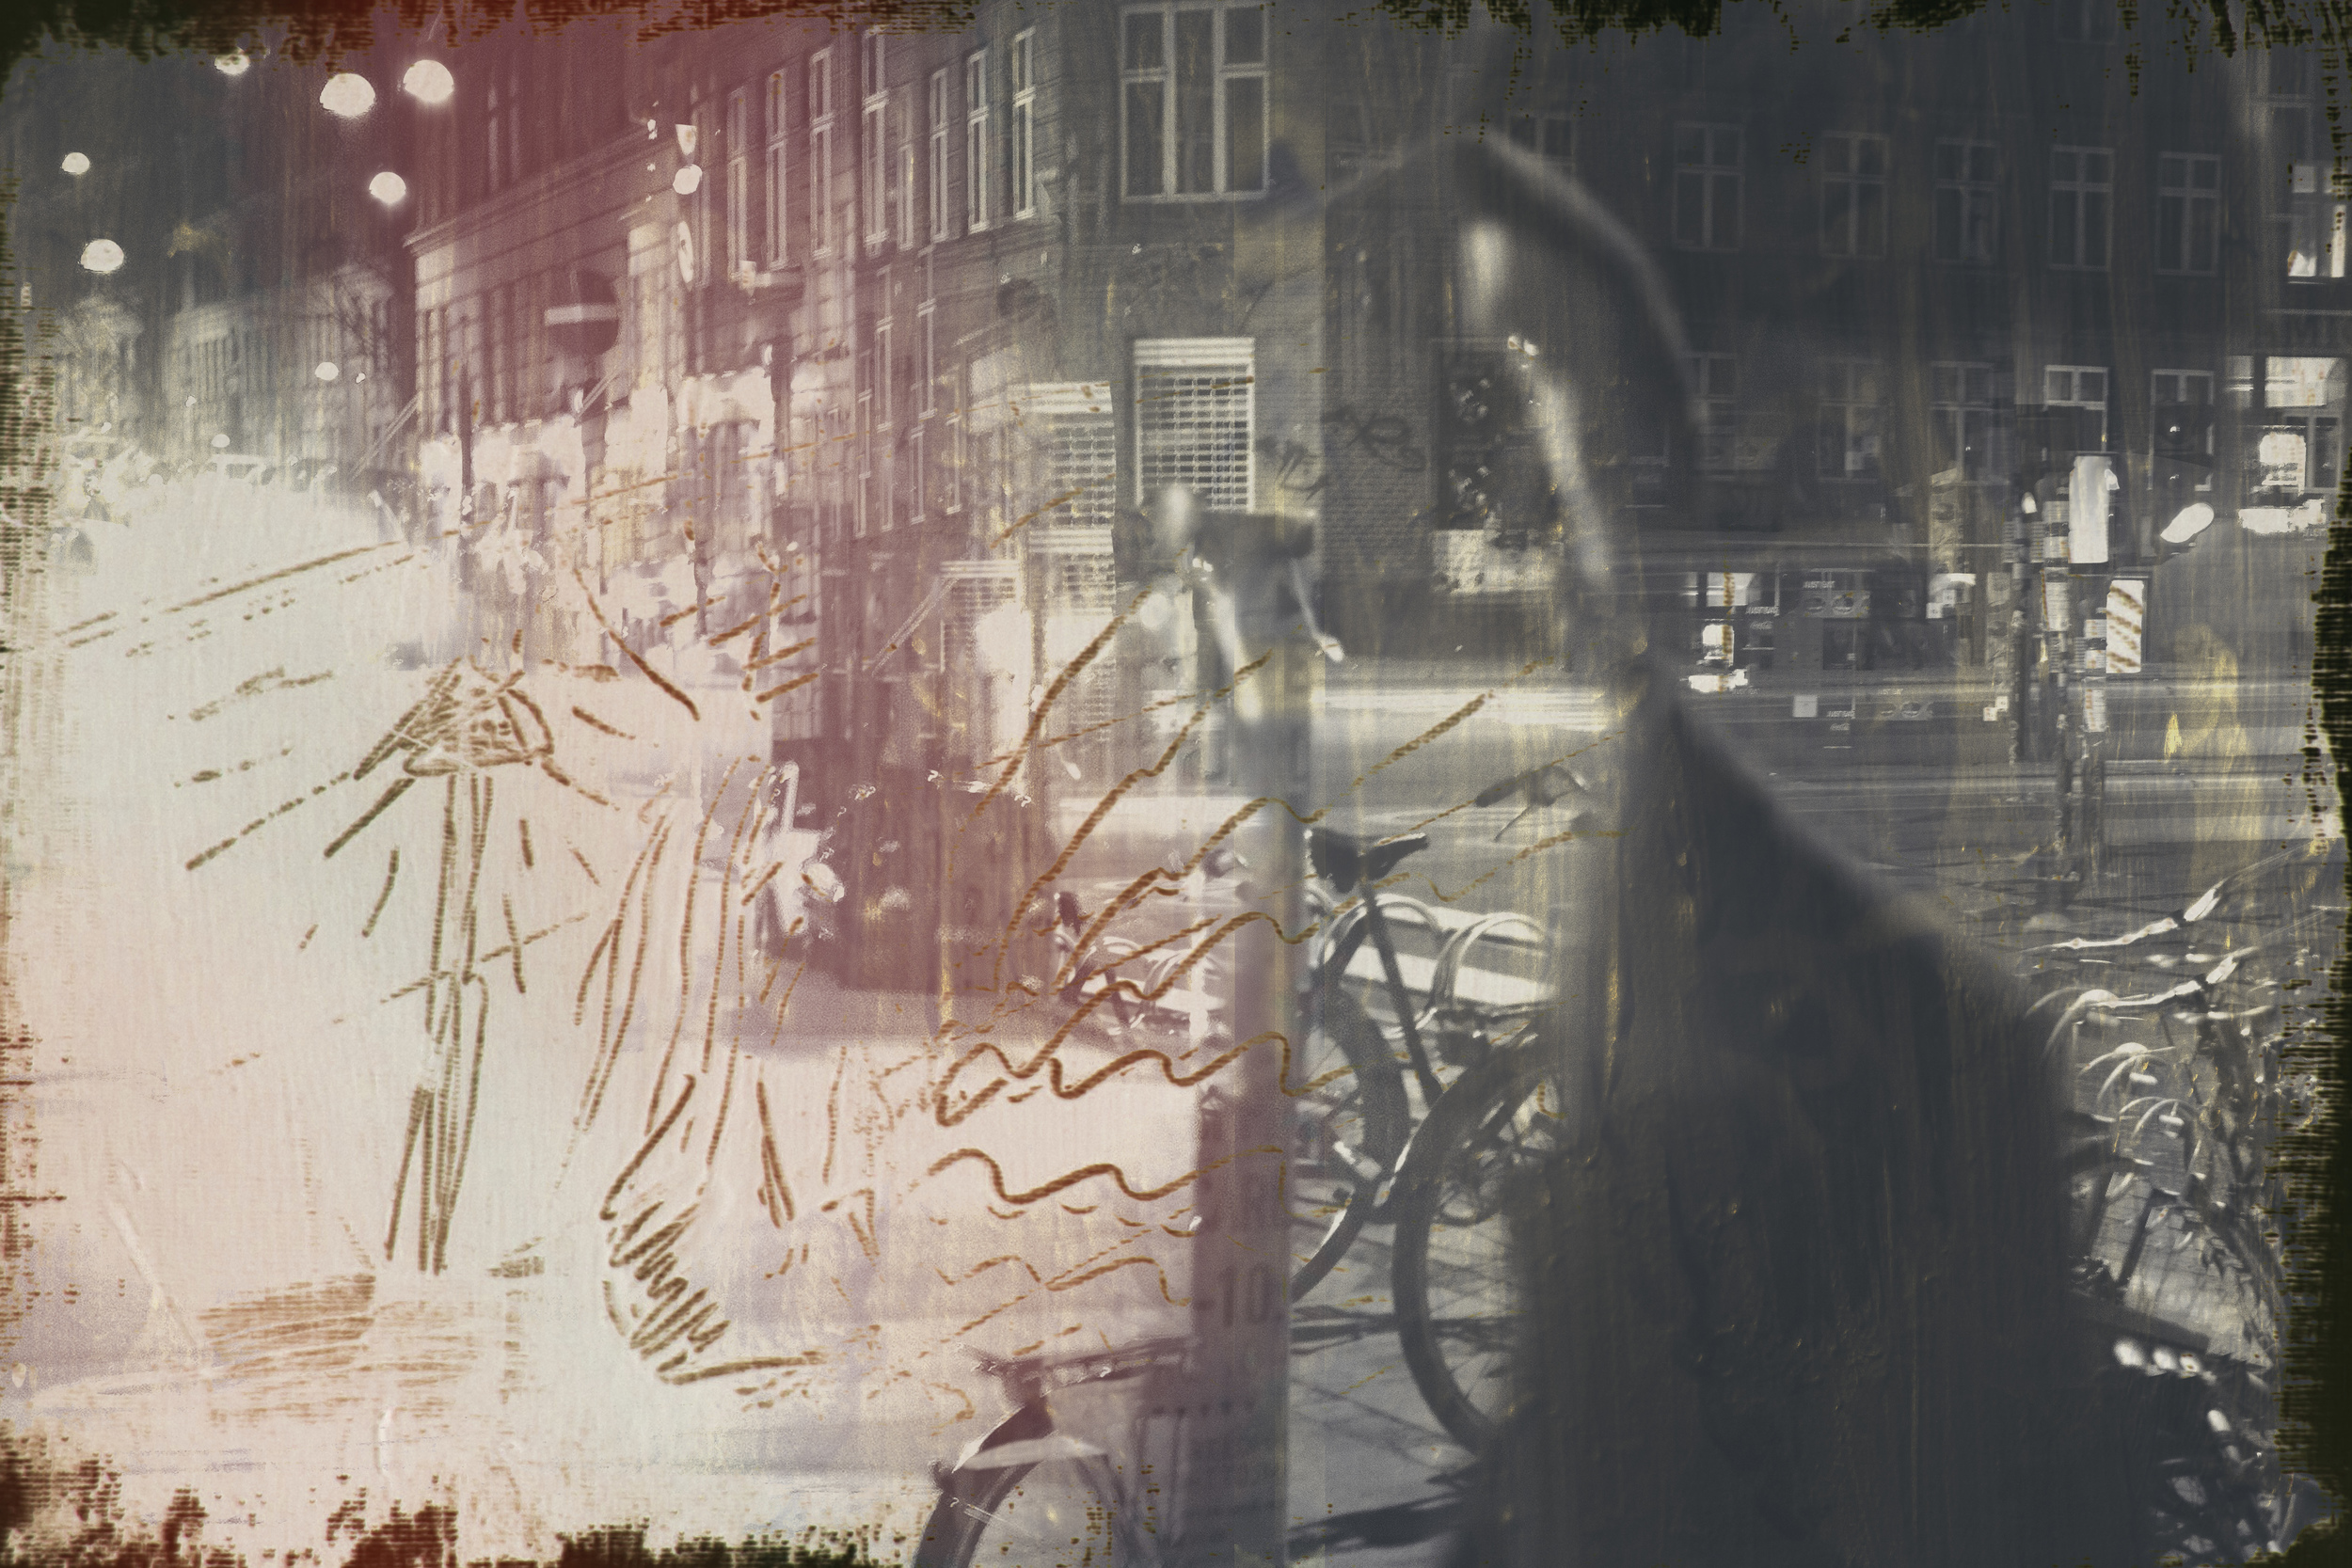 2013, Acryl on canvas merged with photographs  70 x 100 cm